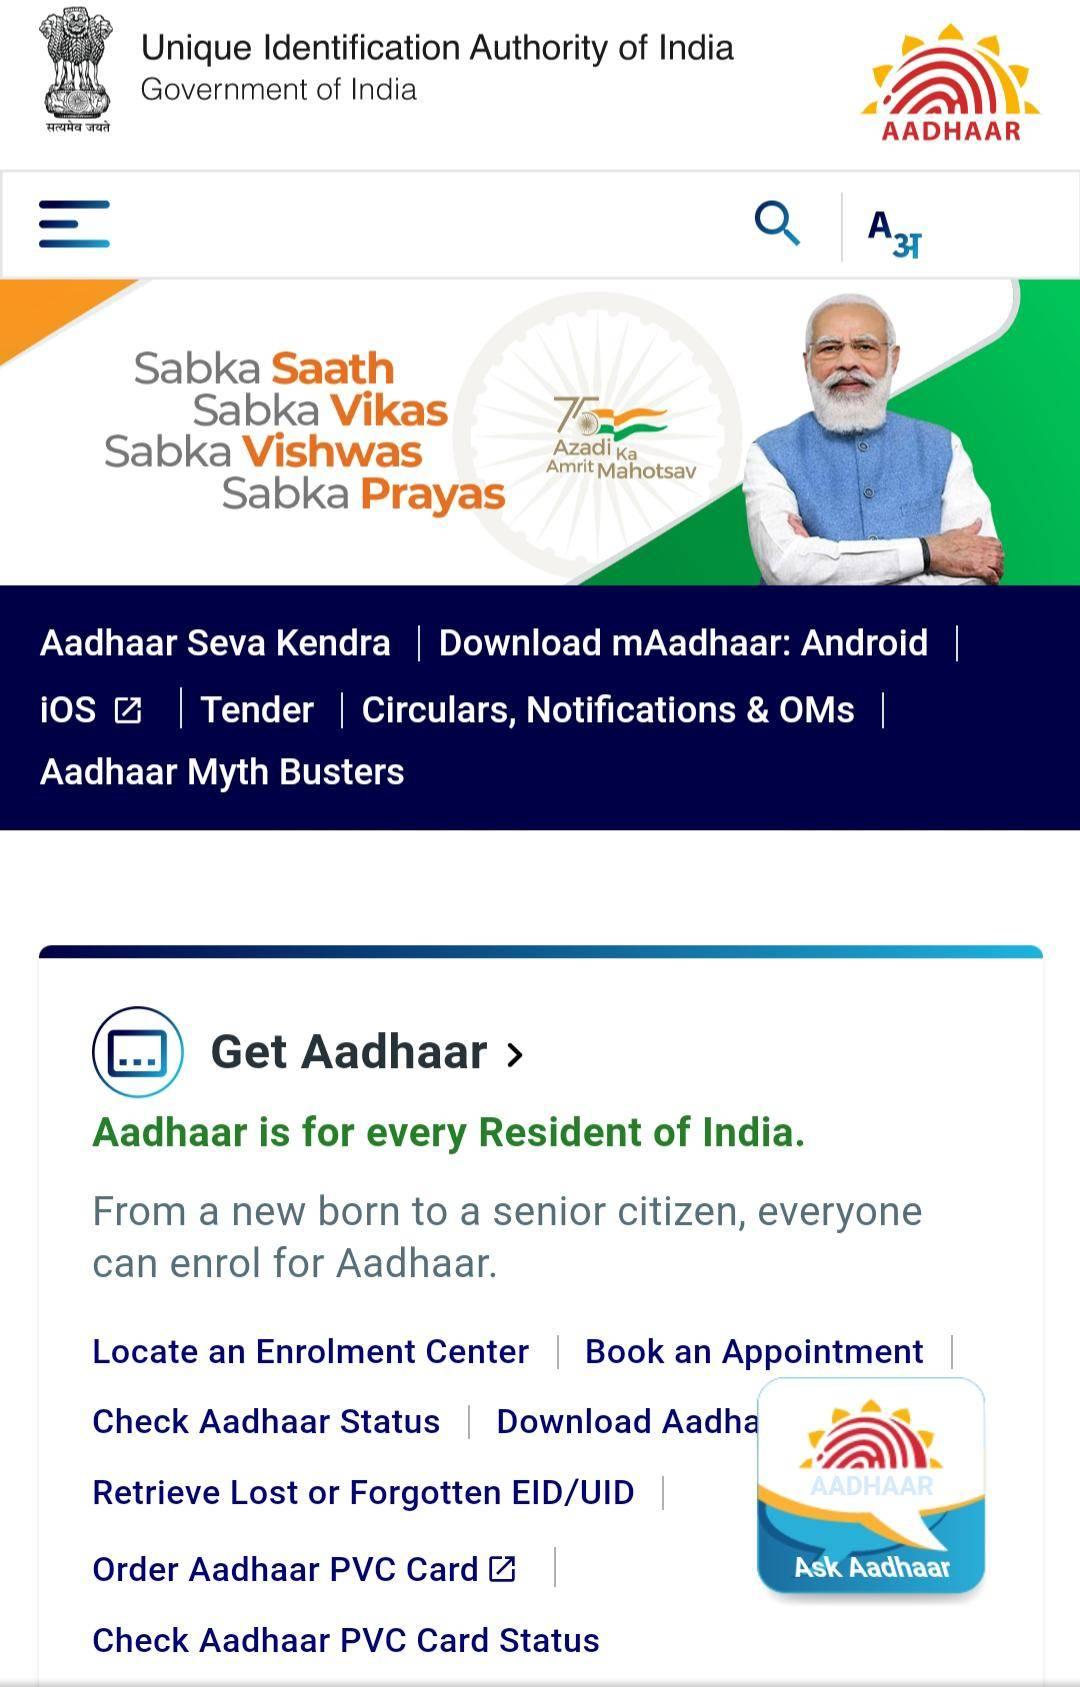 UIDAI Aadhaar Enrolment Centre